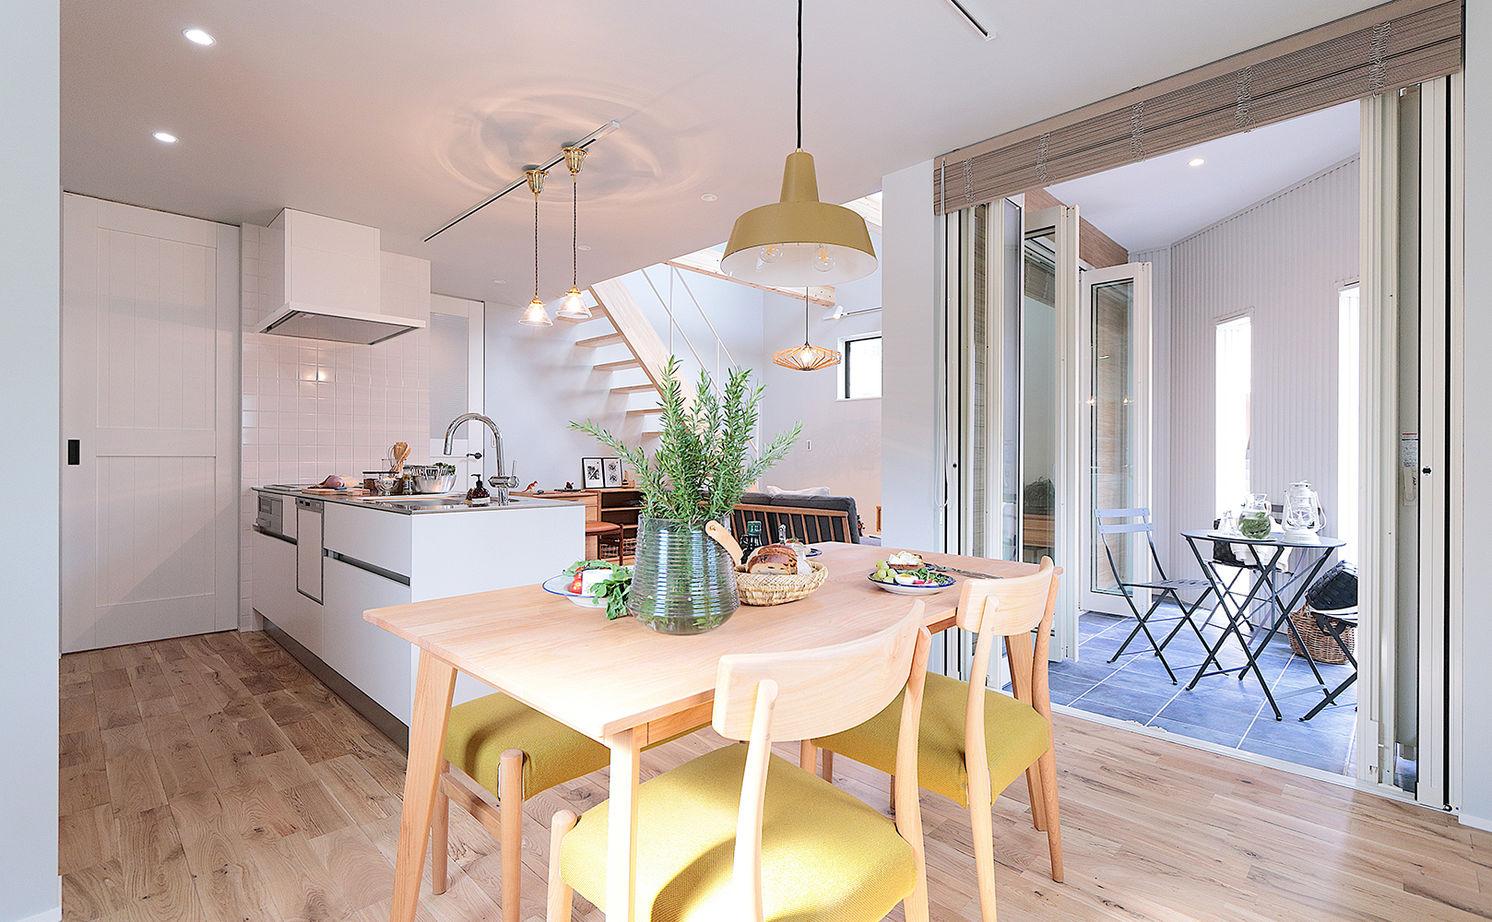 【延床31.4坪・2968万円】狭小地で設計の工夫が光る。北欧スタイルで統一された心地よいZEH仕様住宅画像3